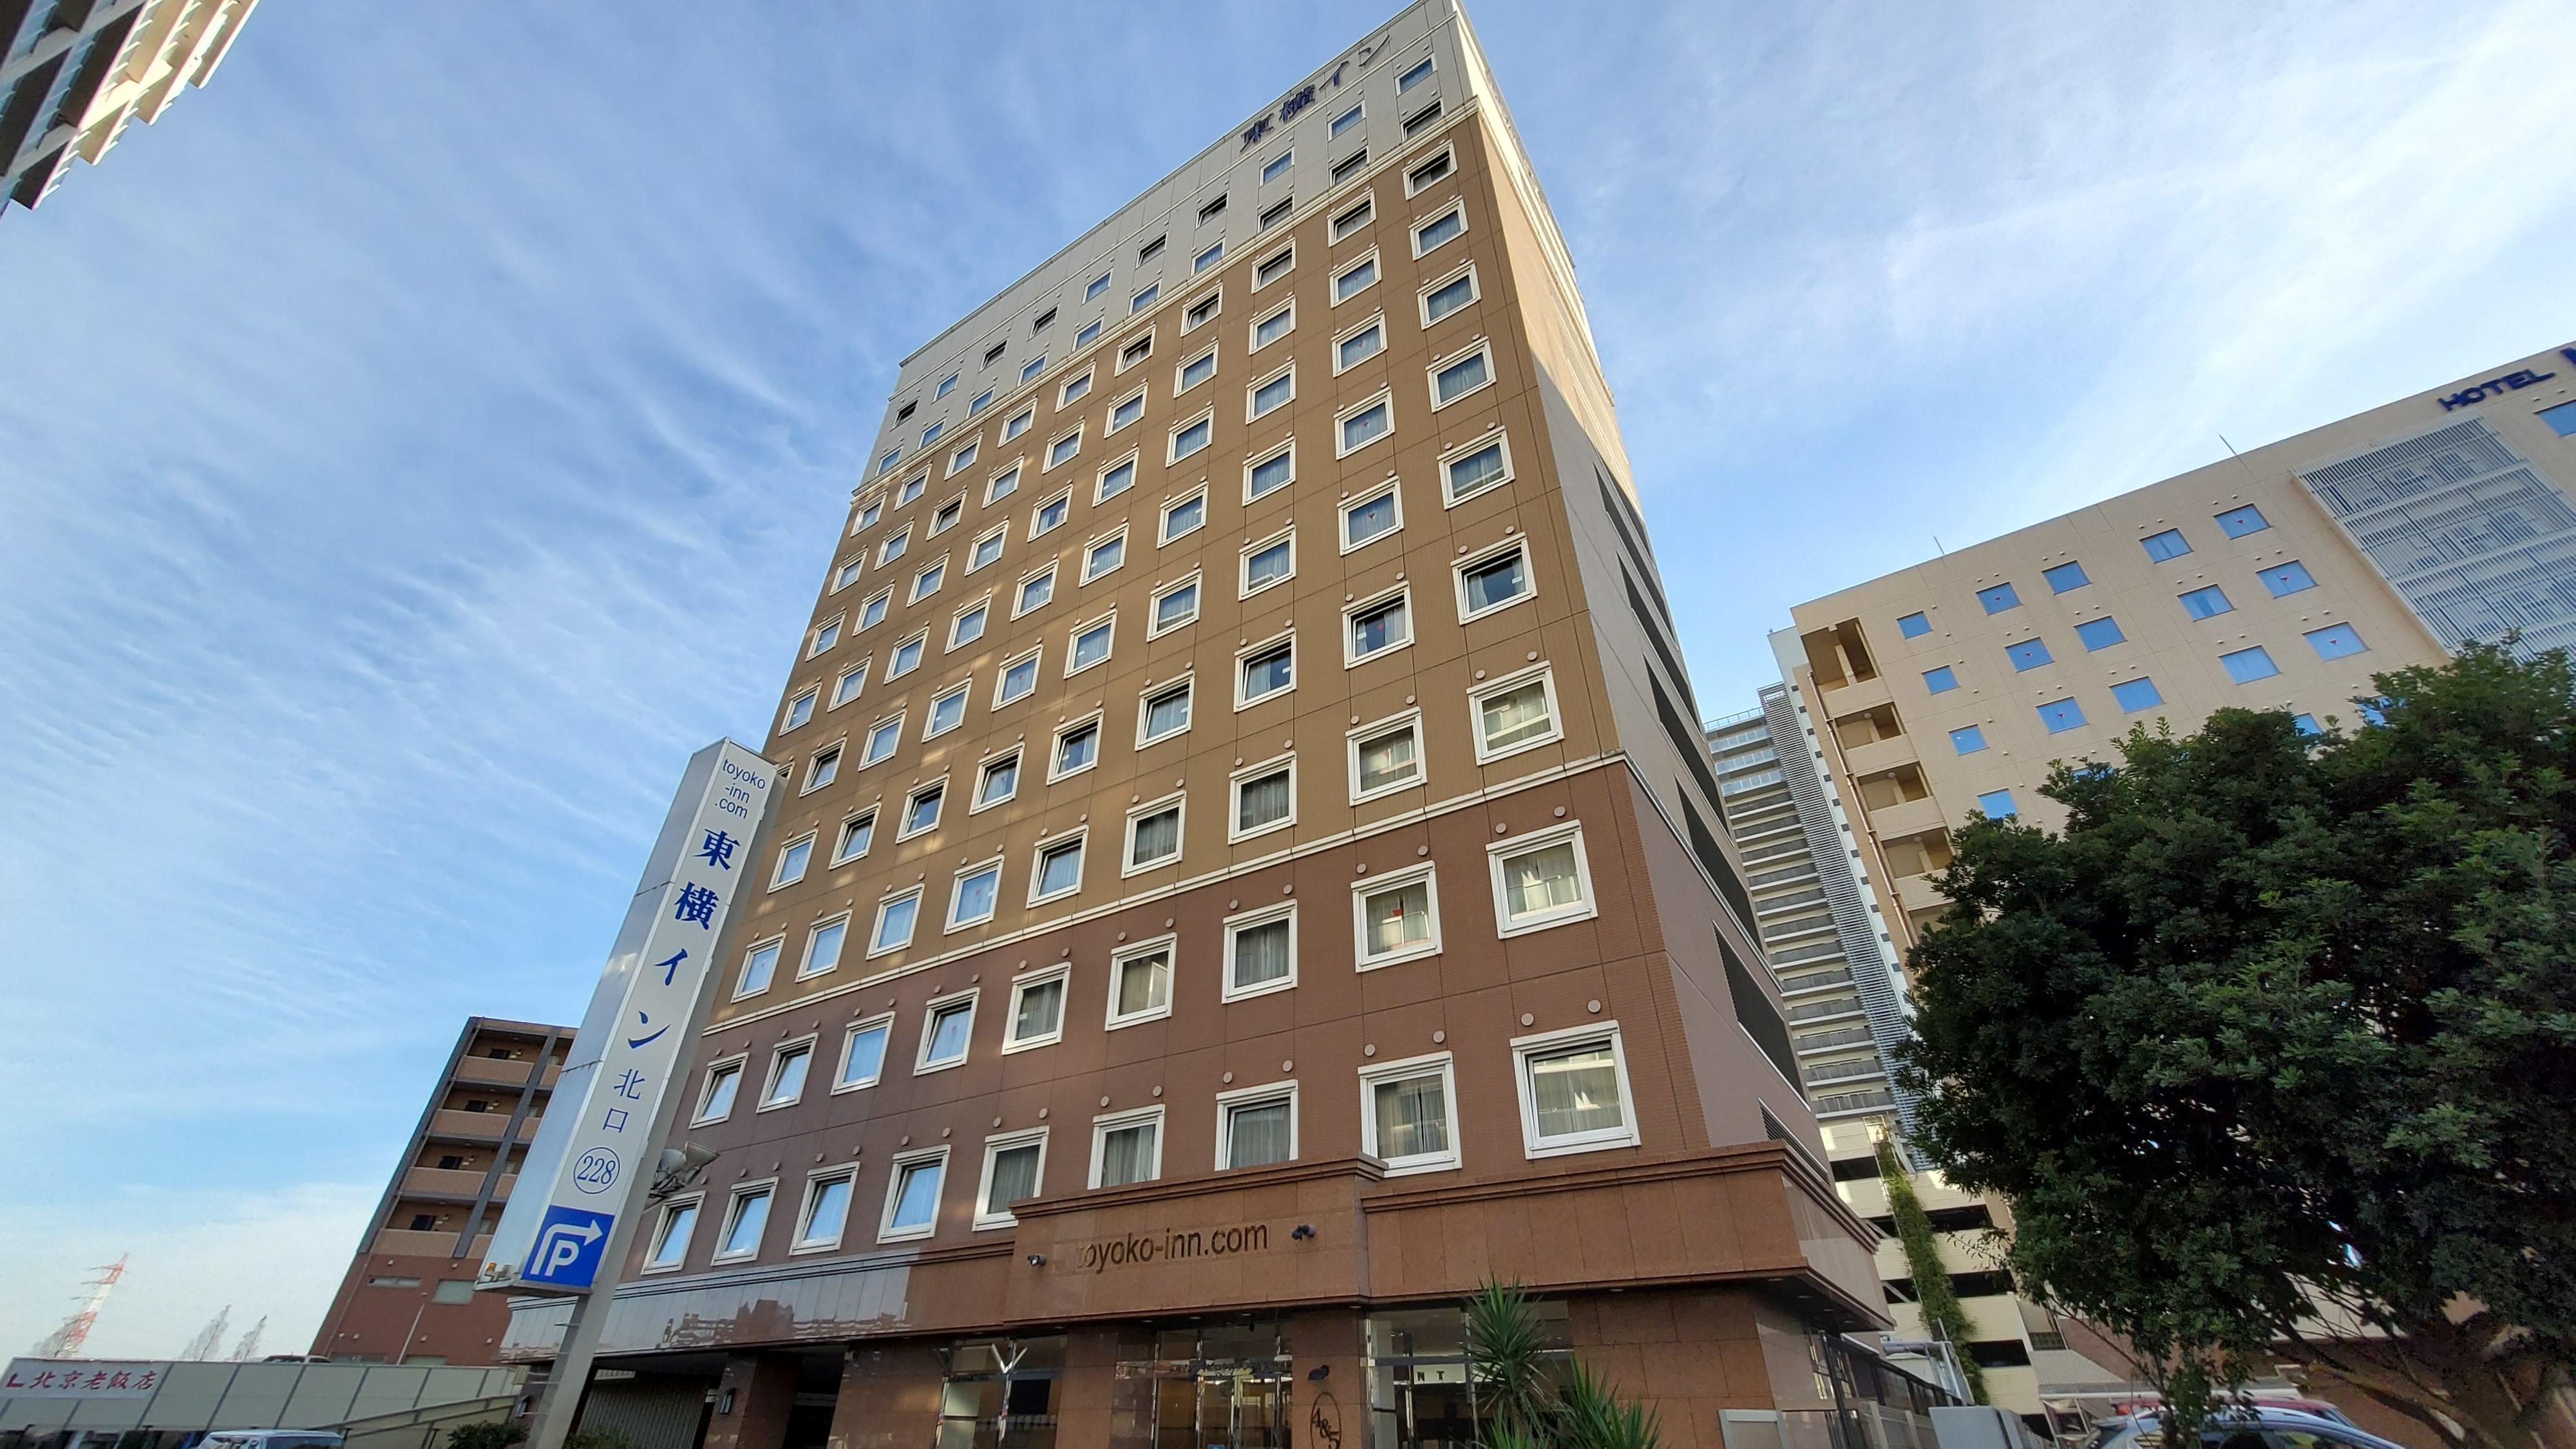 東横インつくばエクスプレス研究学園駅北口